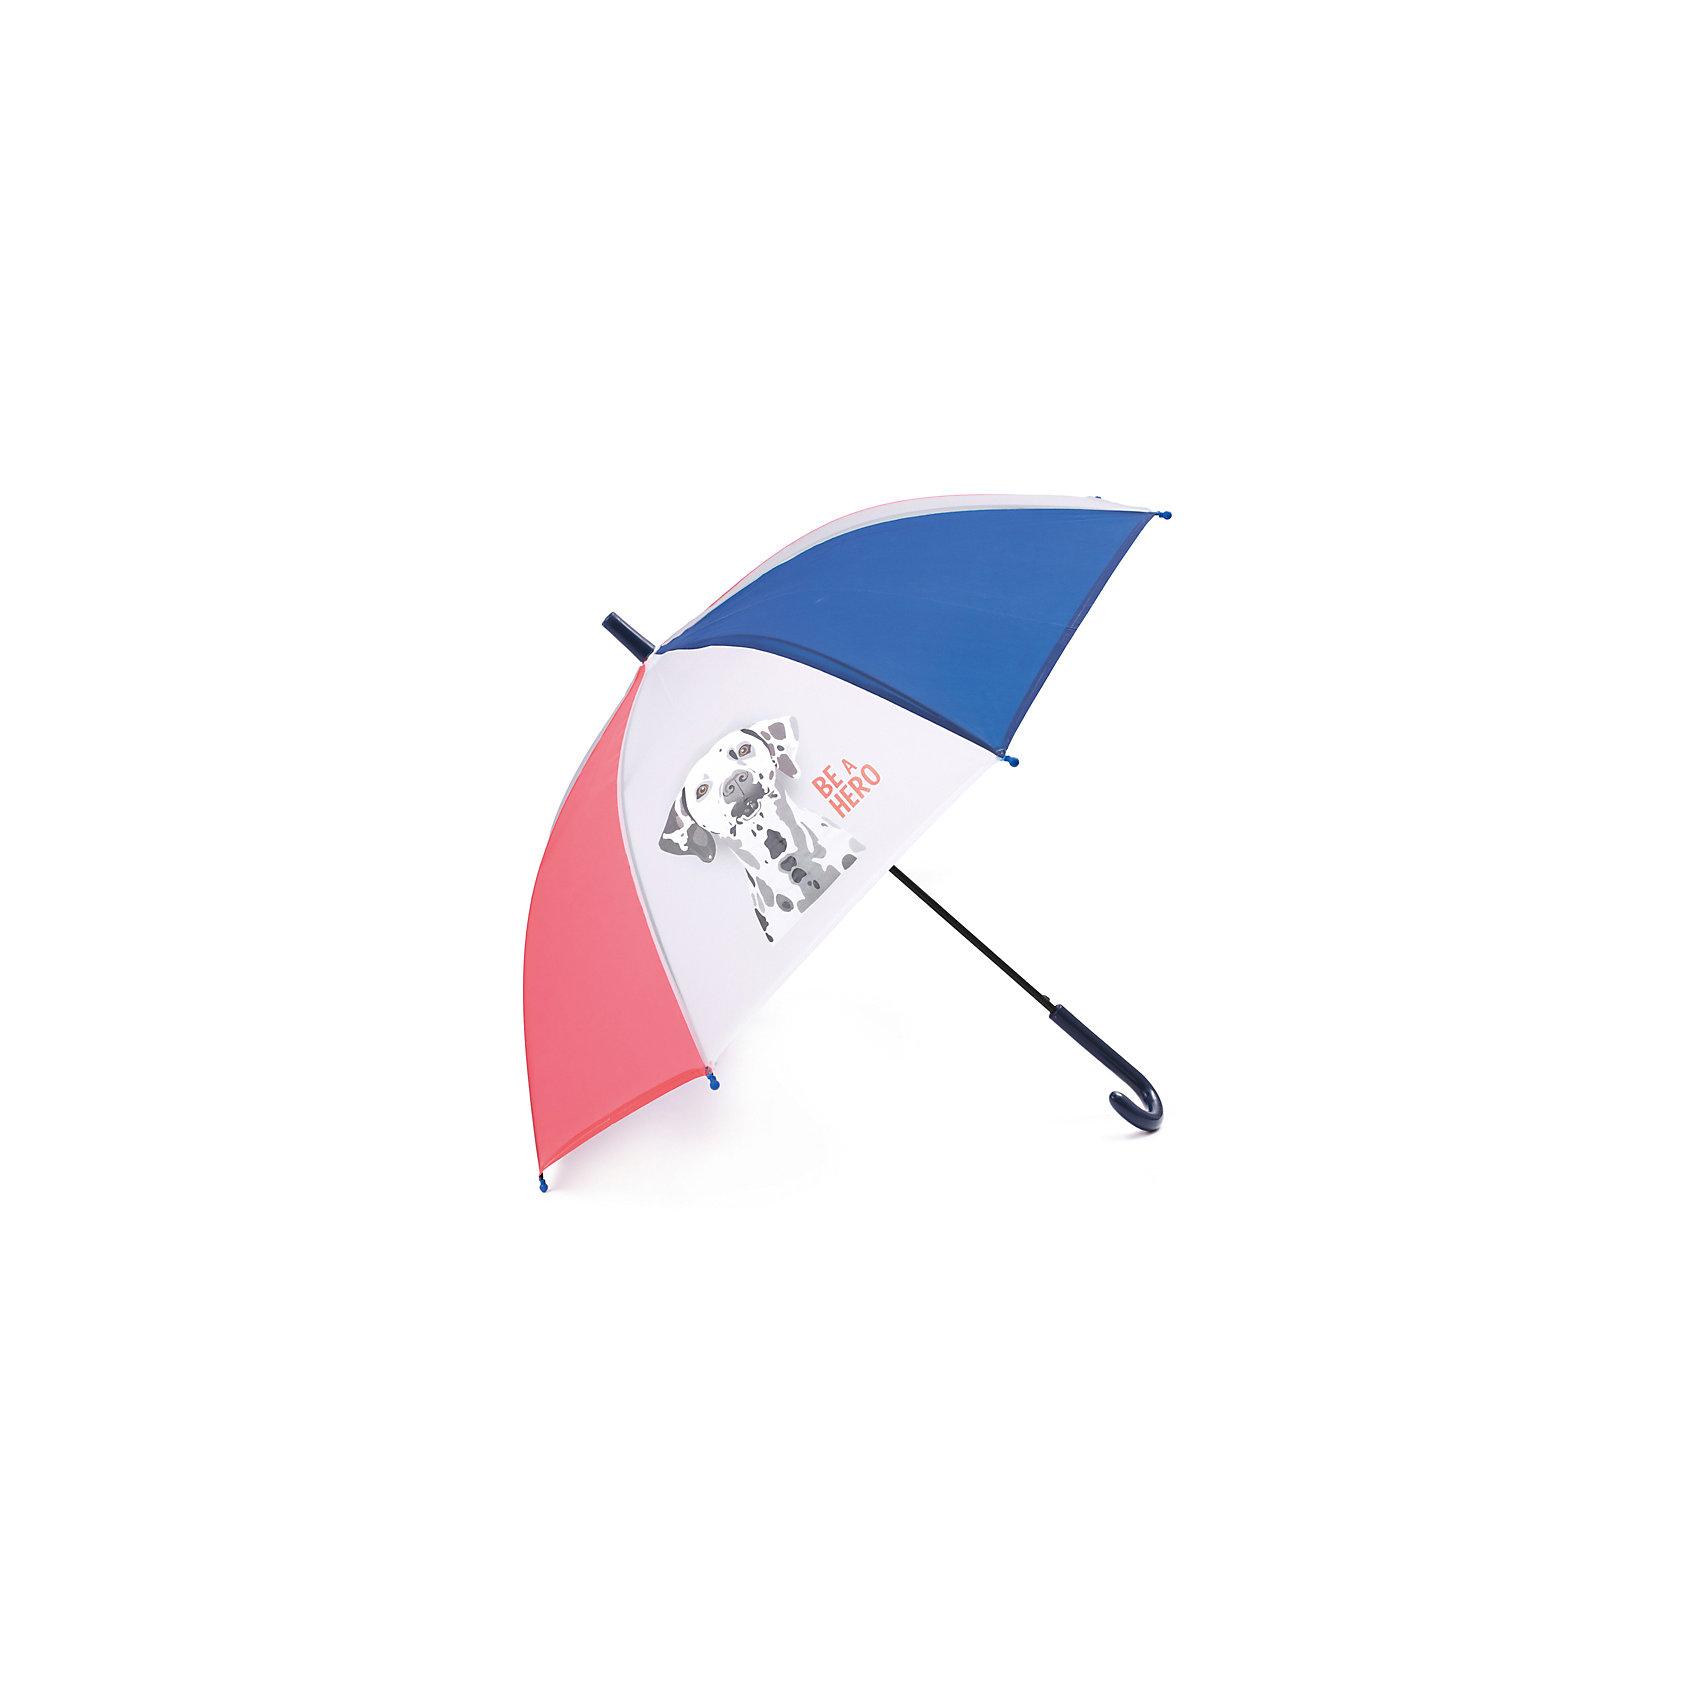 Зонт для мальчика PlayTodayАксессуары<br>Зонт для мальчика PlayToday<br>Этот яркий цветной зонтик обязательно понравится Вашему ребенку! Оснащен специальной безопасной системой открывания и закрывания. Материал каркаса ветроустойчивый. Концы спиц снабжены пластмассовыми наконечниками для защиты от травм. Такой зонт идеально подойдет для прогулок в дождливую погоду. <br><br>Преимущества: <br><br>Оснащен специальной безопасной системой открывания и закрывания<br>Концы спиц снабжены пластмассовыми наконечниками для защиты от травм<br><br>Состав:<br>Каркас: 100:сталь; Купол: 100%полиэстер; Ручка:100% АБС пластик<br><br>Ширина мм: 170<br>Глубина мм: 157<br>Высота мм: 67<br>Вес г: 117<br>Цвет: разноцветный<br>Возраст от месяцев: 60<br>Возраст до месяцев: 144<br>Пол: Мужской<br>Возраст: Детский<br>Размер: one size<br>SKU: 5403591